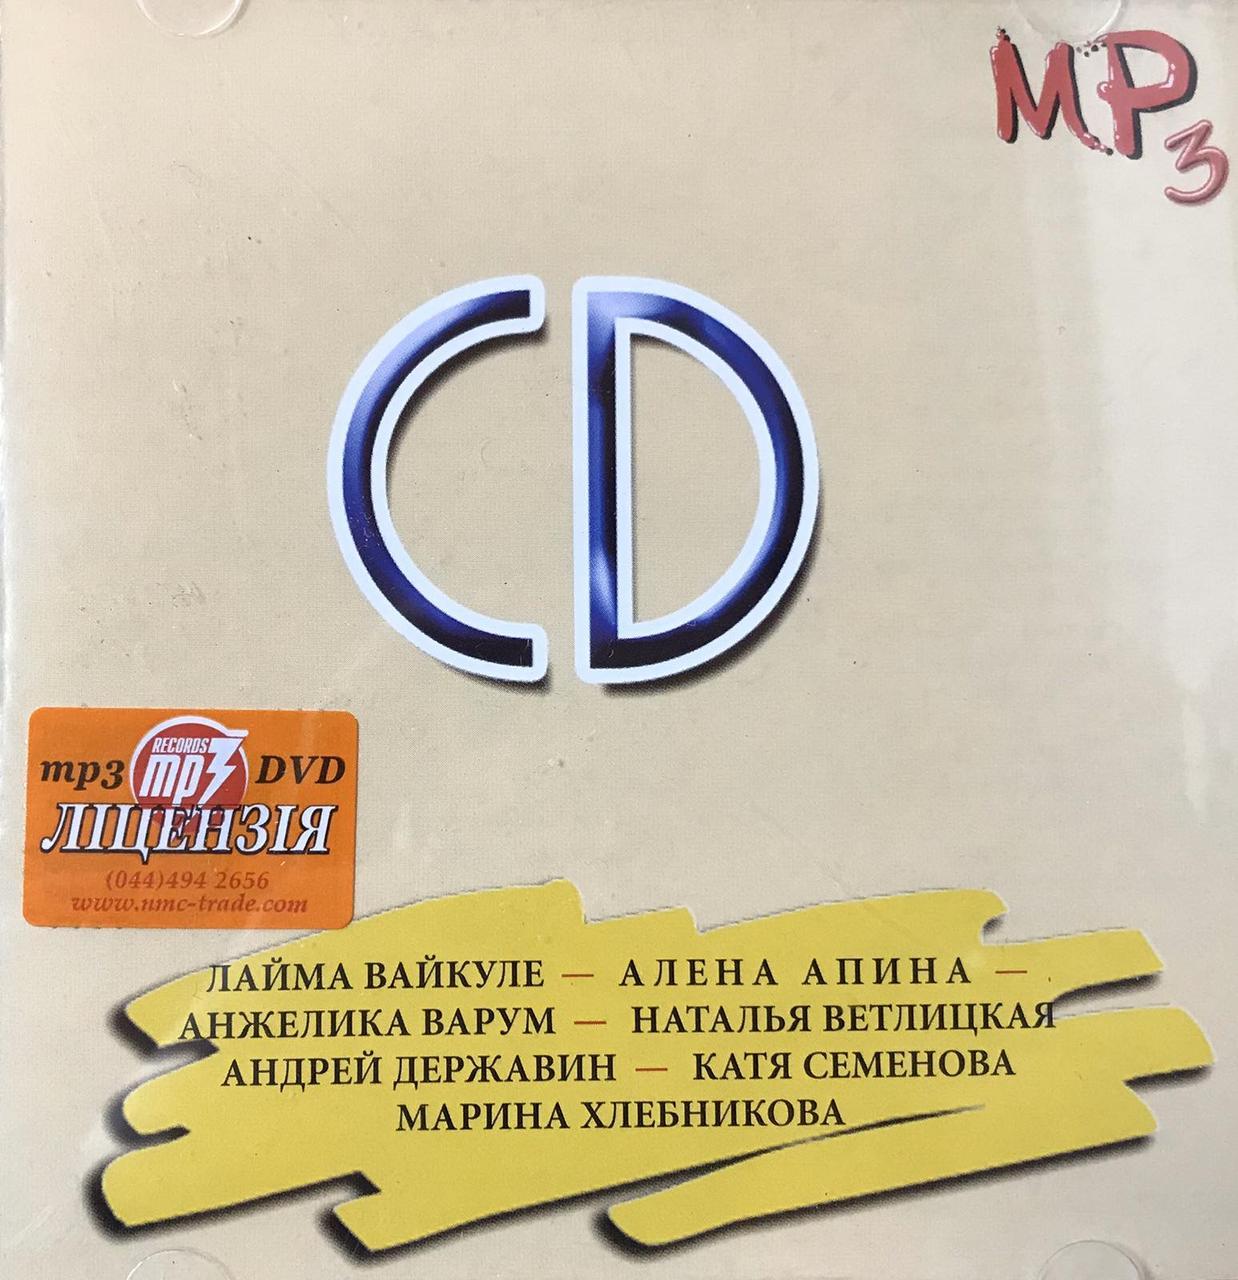 MP3 - диск. Серебряный дск 18.